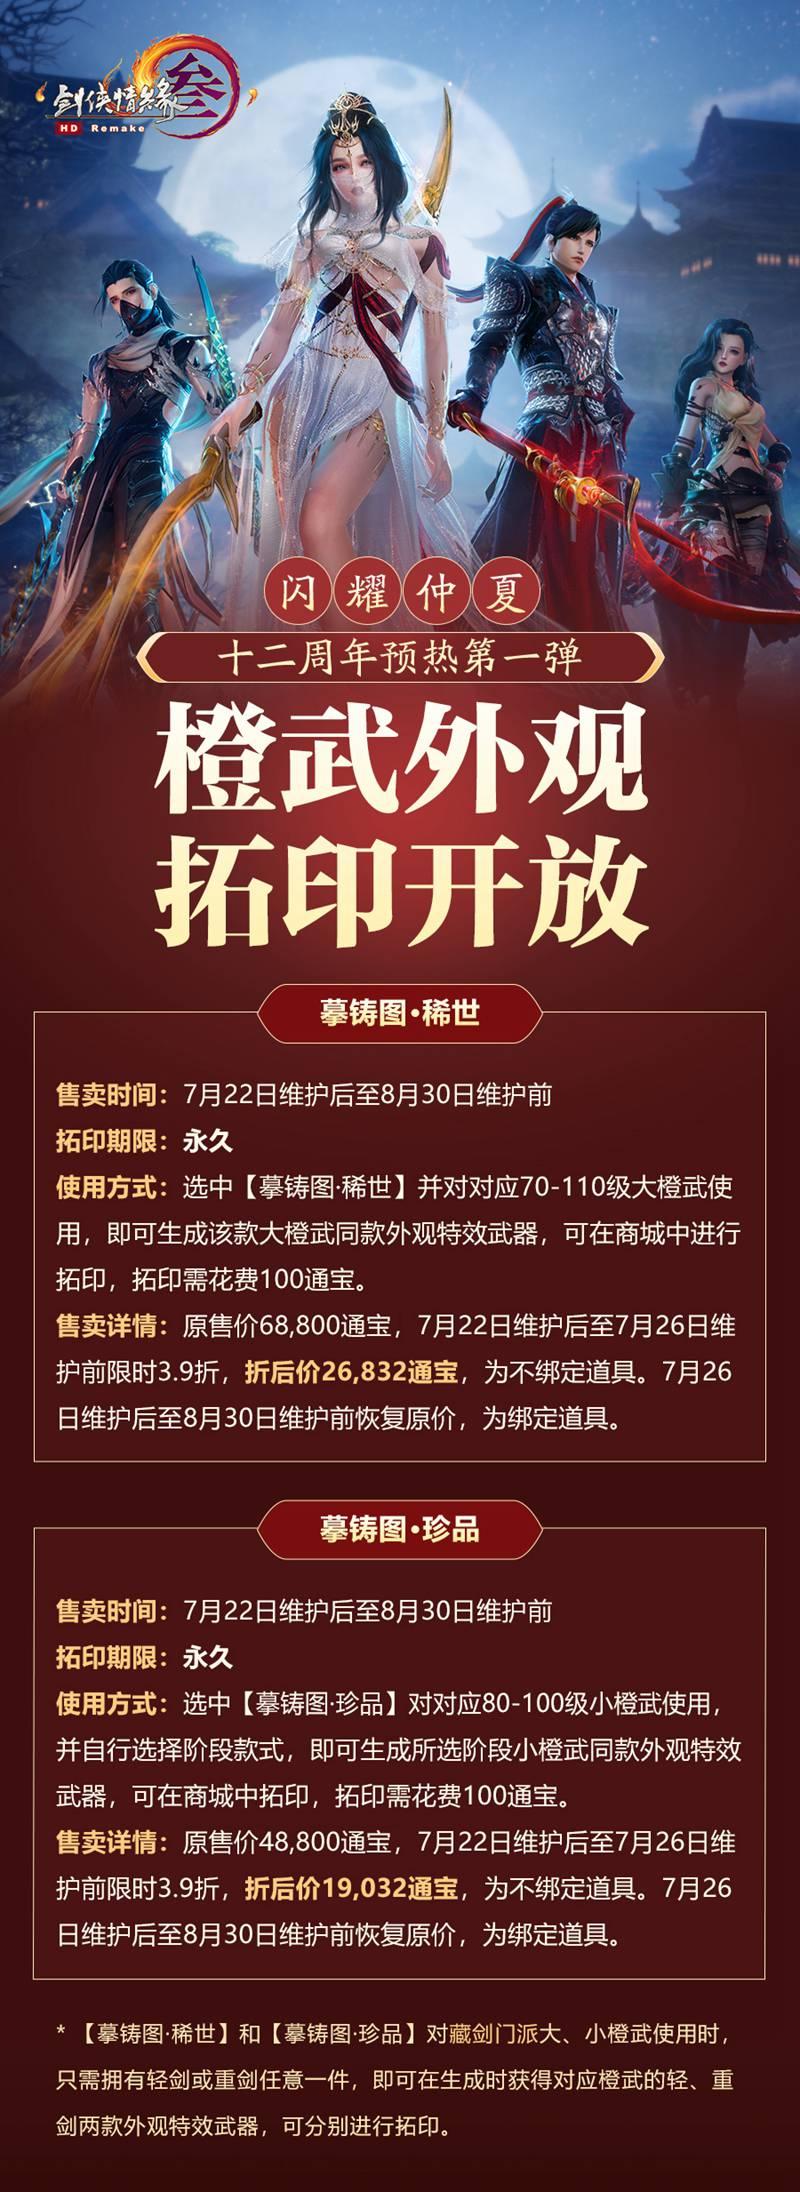 丰厚豪礼 全民纵享 《剑网3》十二周年预热第一弹盛大开幕